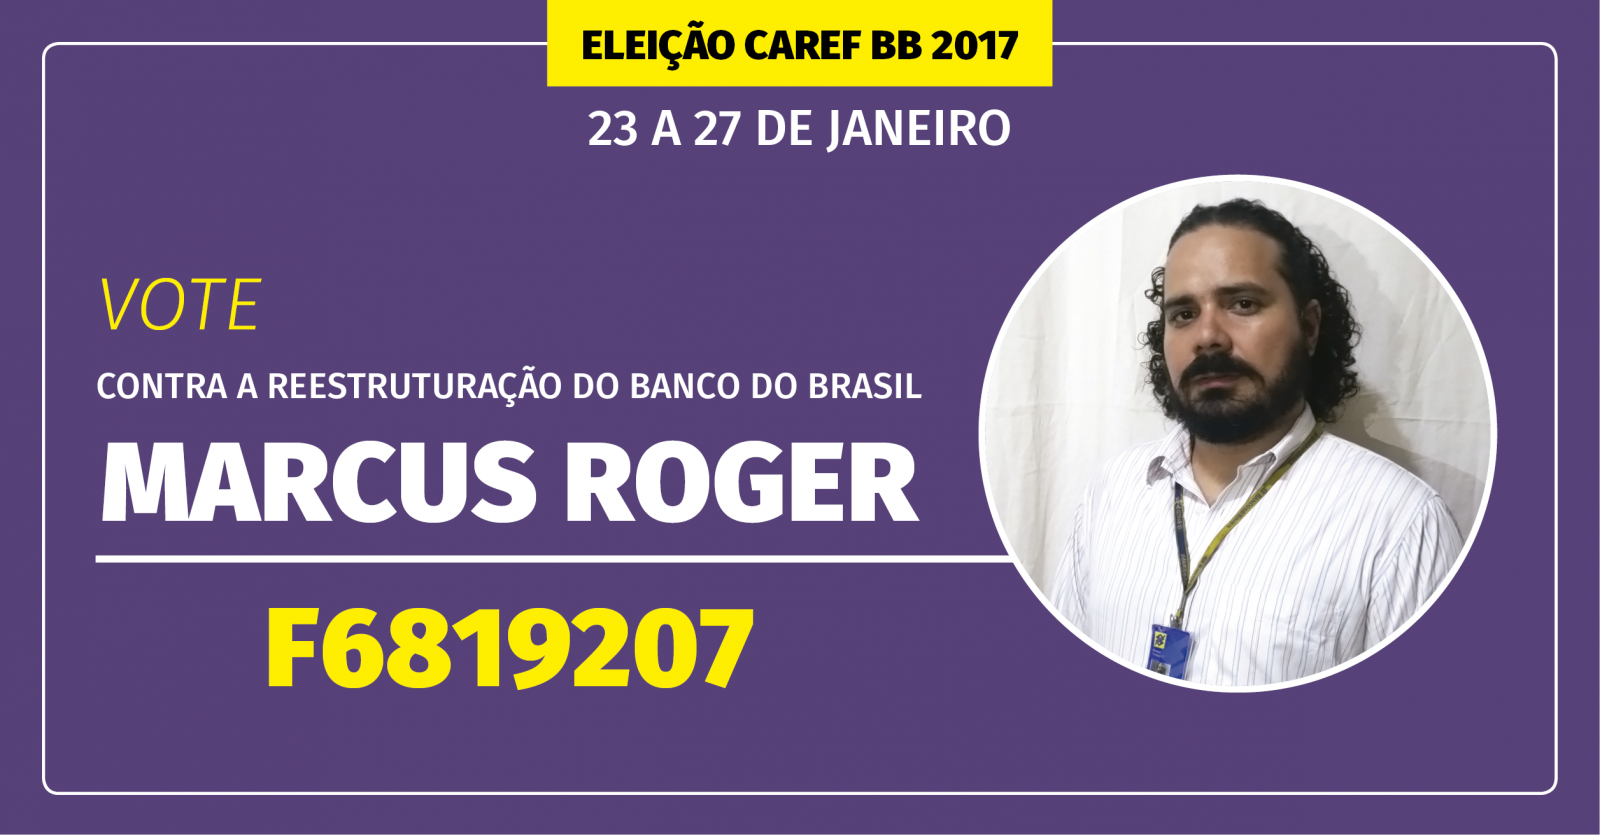 Vote em Marcus Roger na eleição do Caref BB